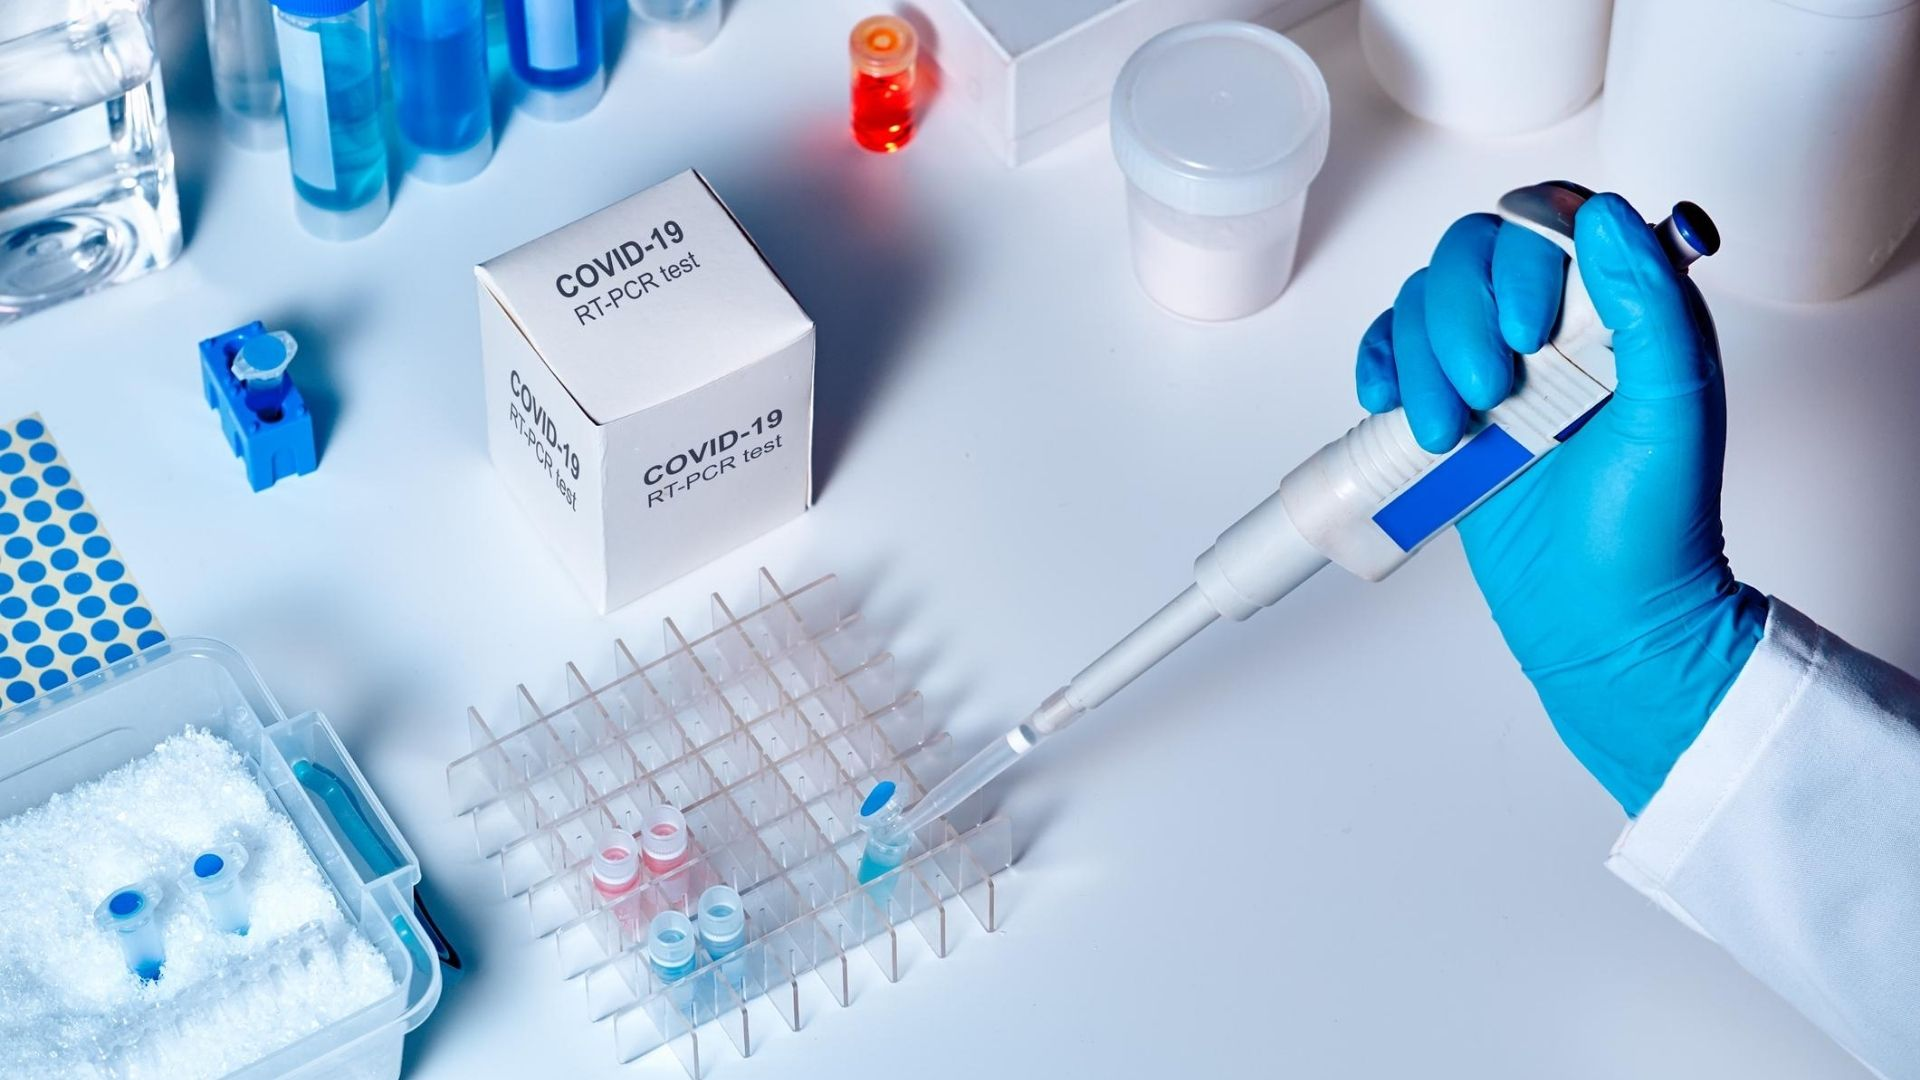 Investigadores británicos identifican 6 tipos de COVID-19 según sus síntomas